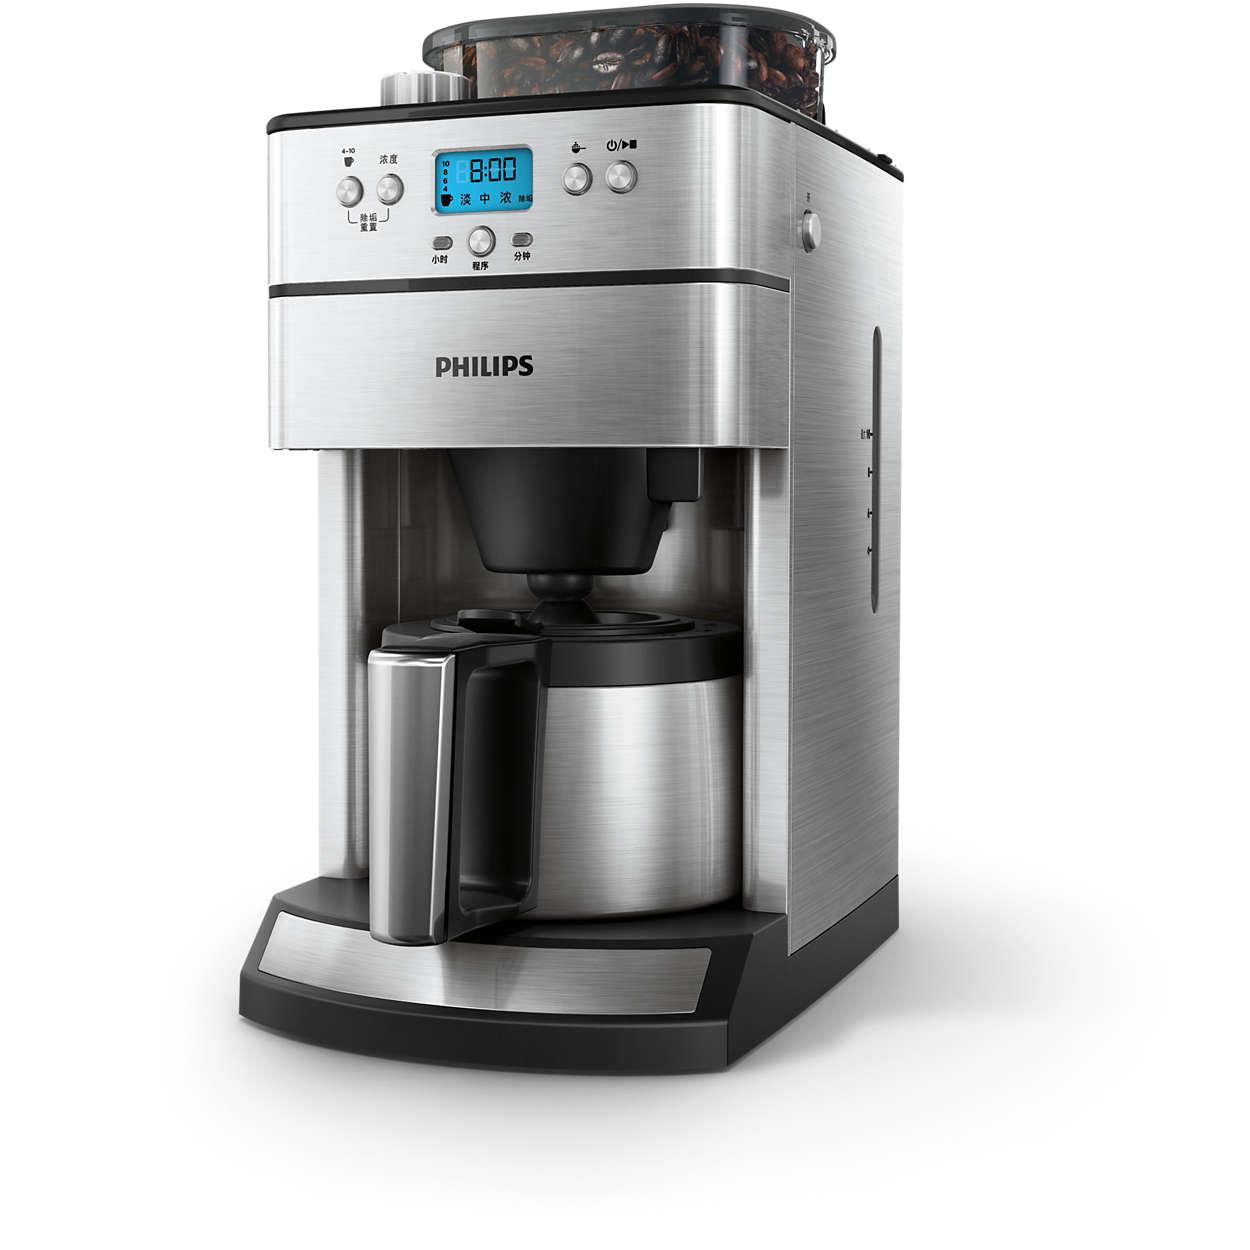 美味咖啡源于新鲜的研磨咖啡豆